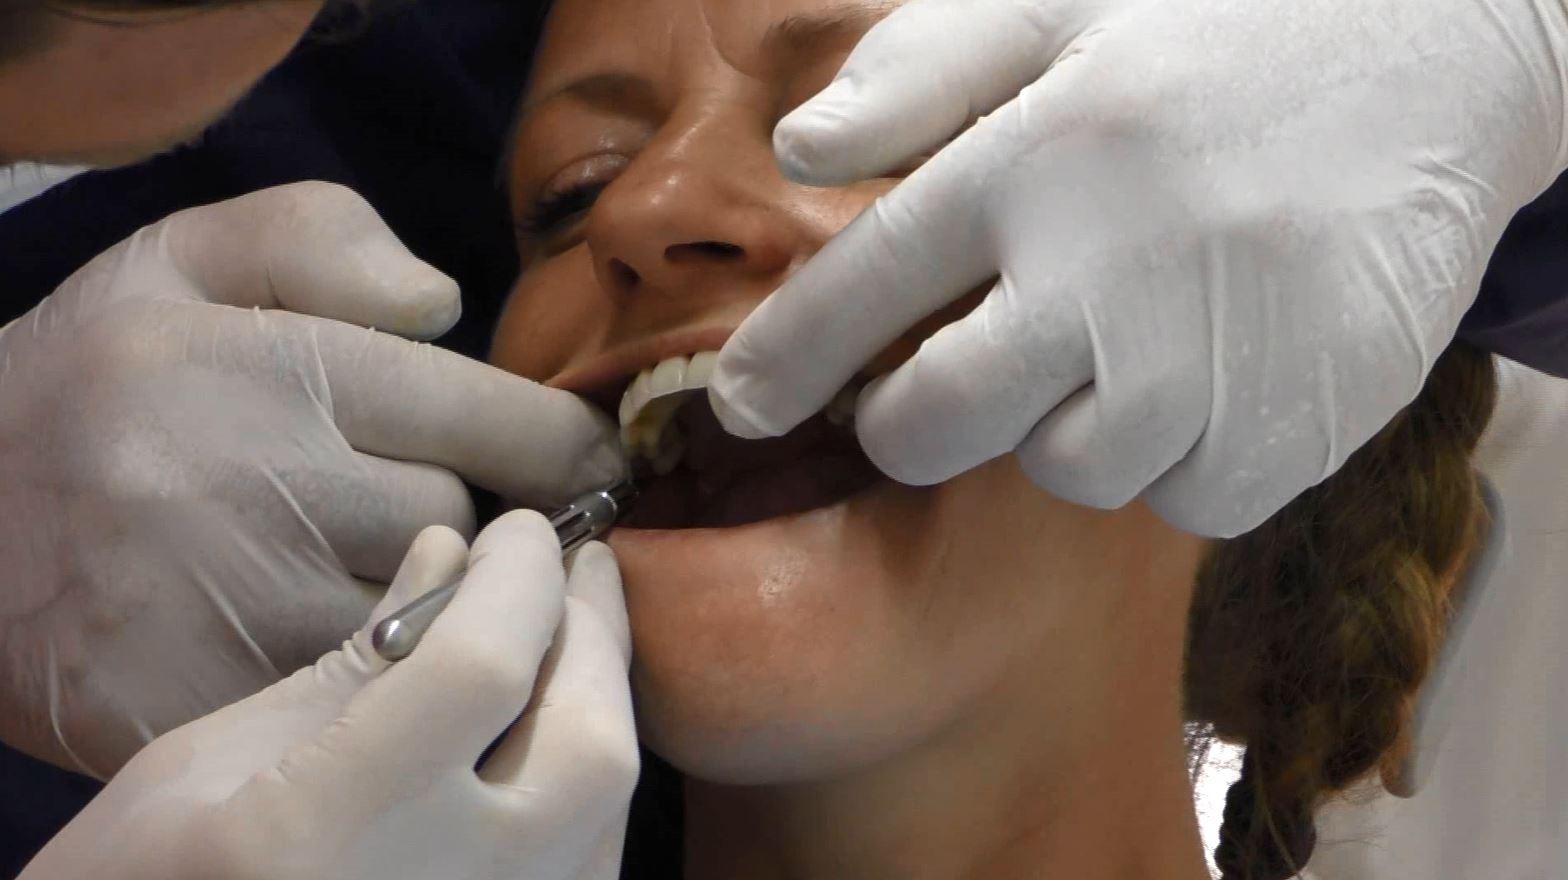 denti fissi senza impianto costo ,implantologia poco osso prezzi ,impianto osseo dentale prezzi ,implantologia a carico immediato senza osso ,impianto dentale con poco osso ,impianti dentali senza osso costi ,quando non si può fare un impianto dentale